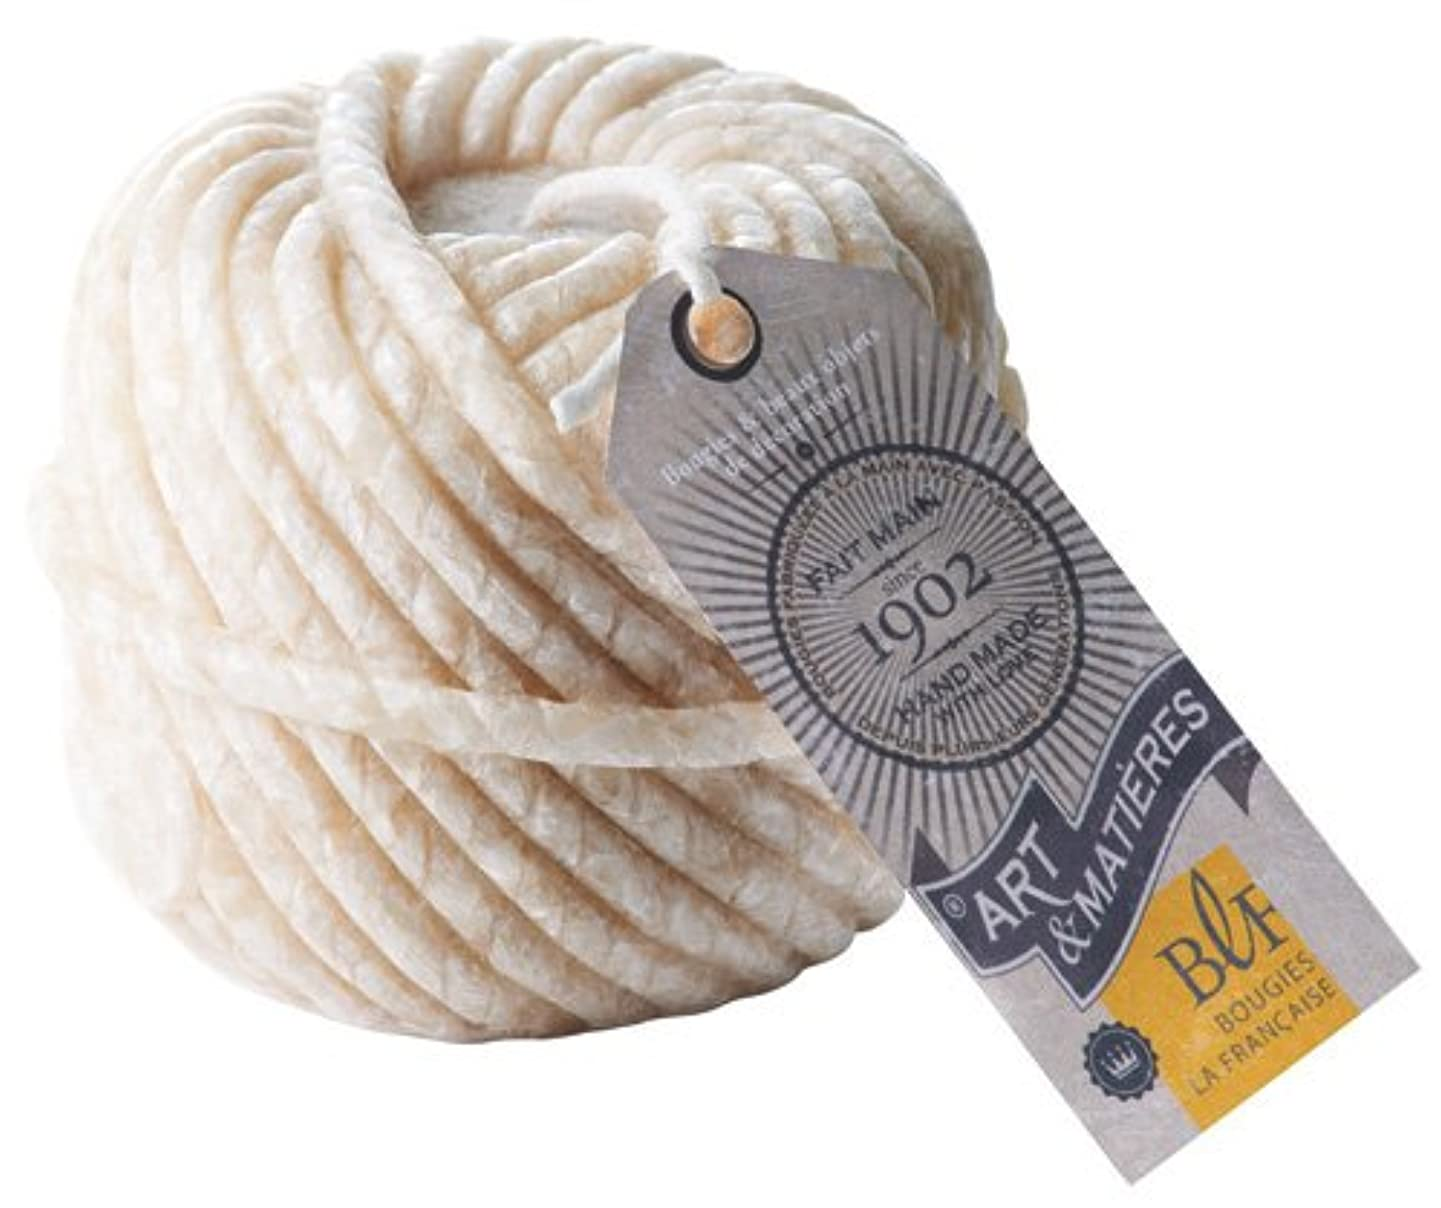 マトン適応的習熟度ブジ?ラ?フランセーズ 本物の毛糸玉のような ウールボールキャンドル ホワイト